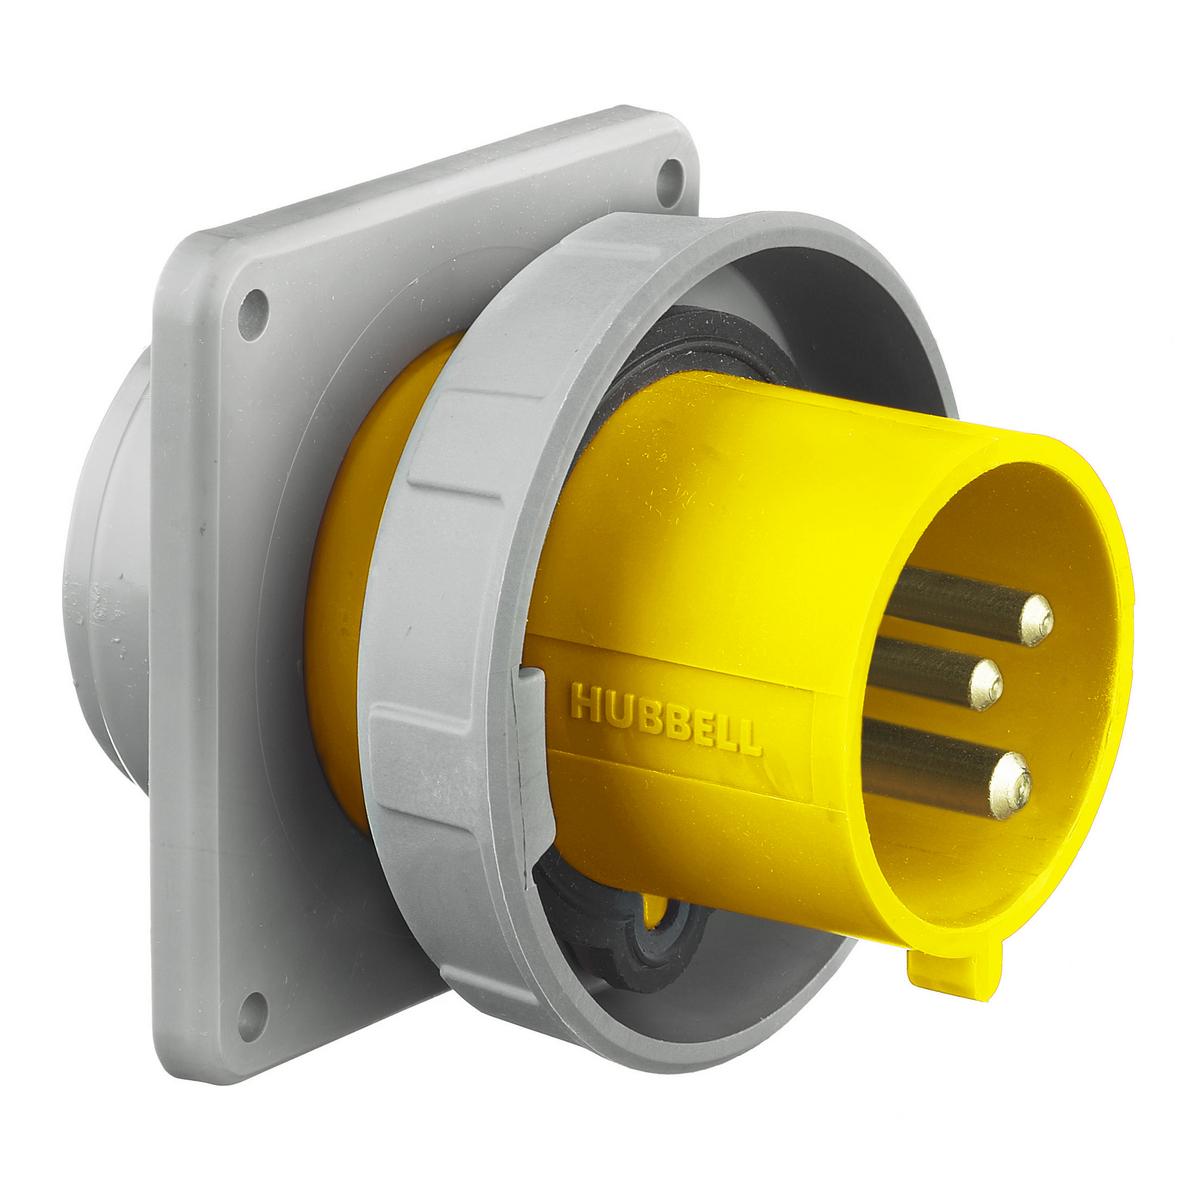 Hubbell HBL330B4W PS, IEC, B, 2P3W, 30A 125V, IP67